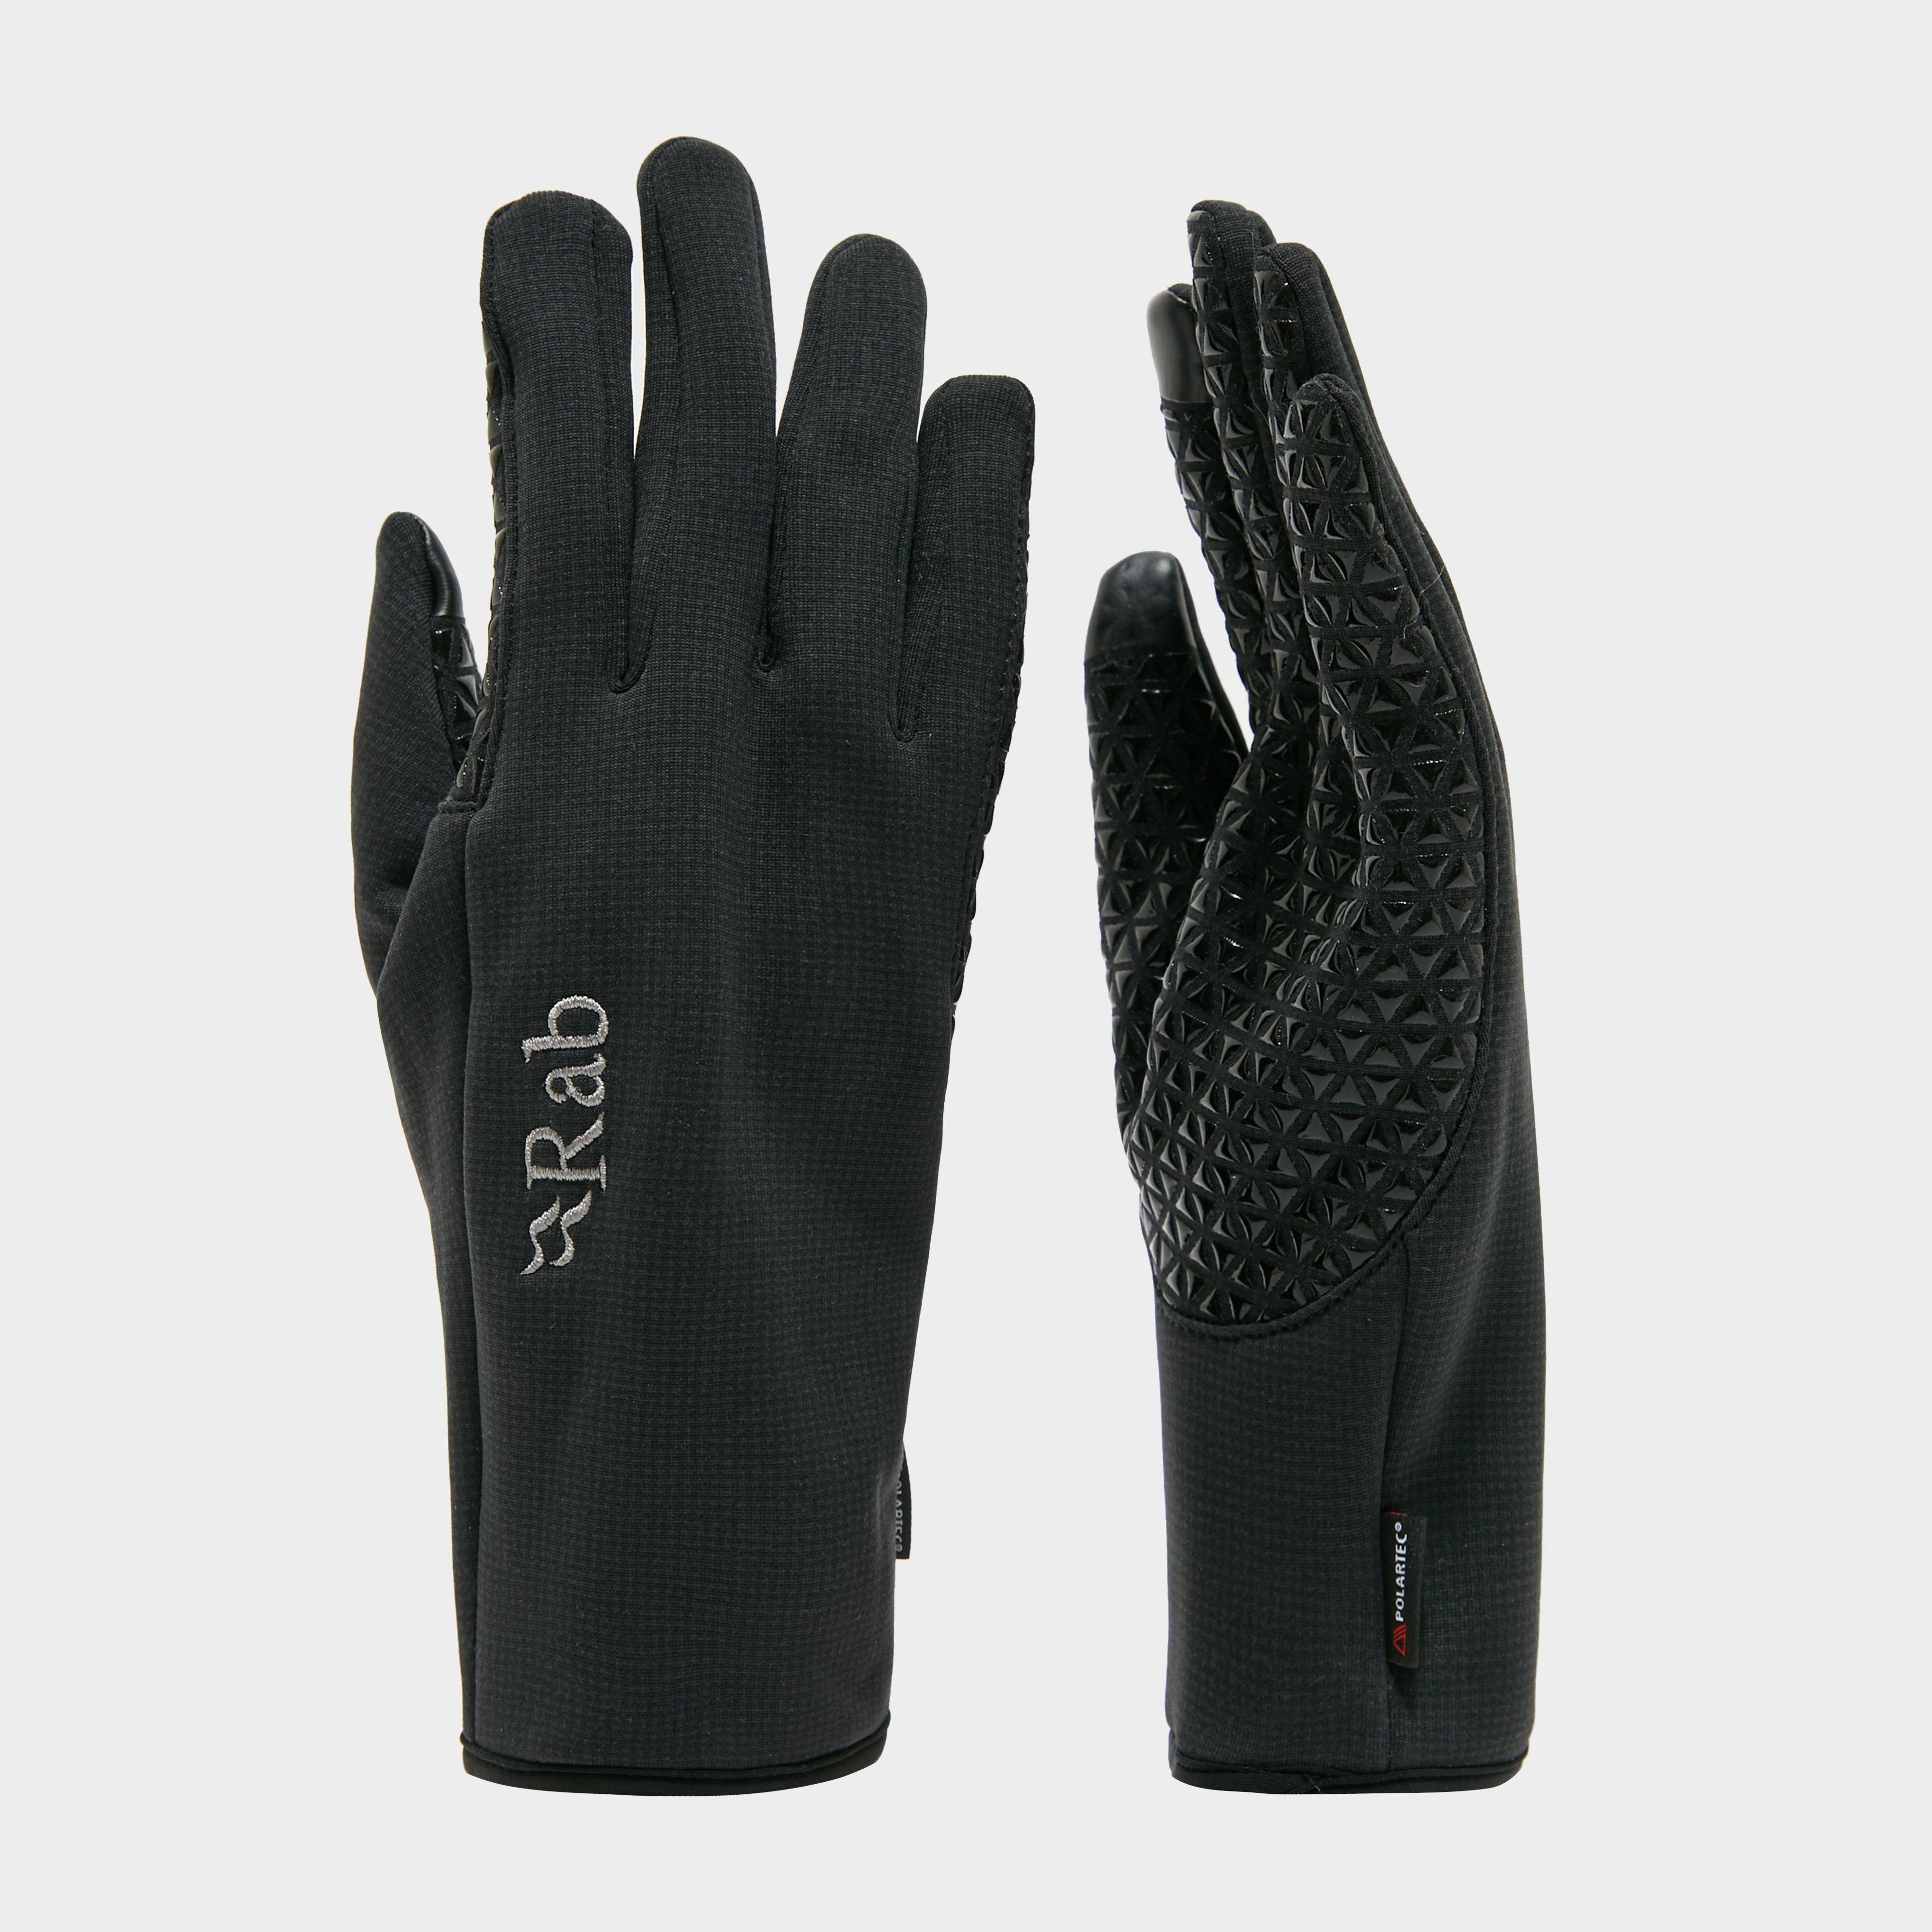 Rab Rab Mens Phantom Contact Grip Glove - N/A, N/A